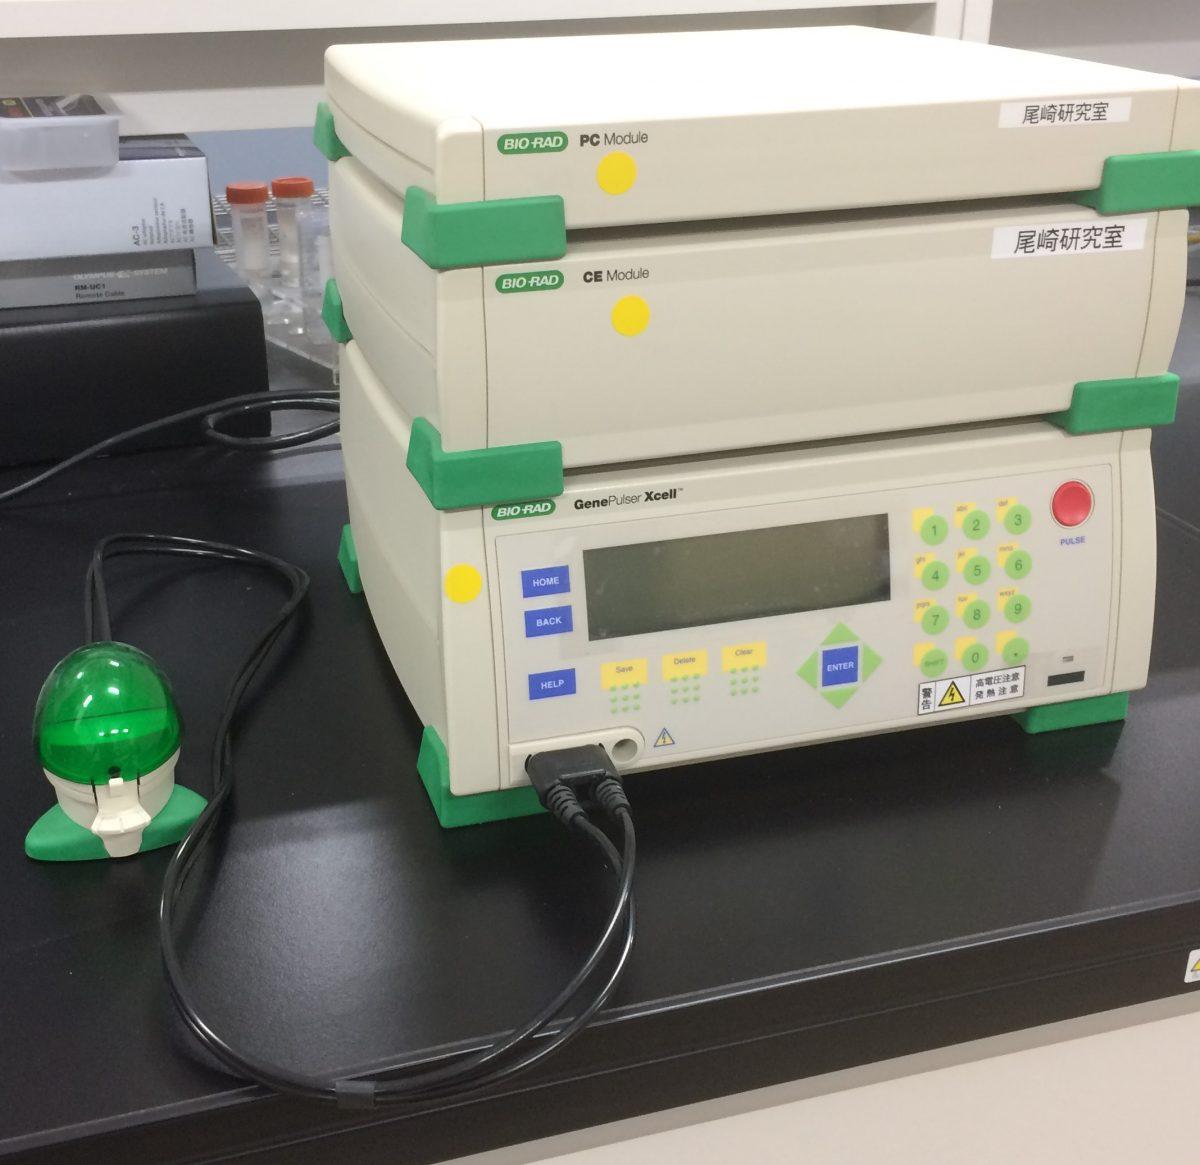 Gene Pulser Xcell™ エレクトロポレーションシステム – Bio-Rad を新たに設置しました